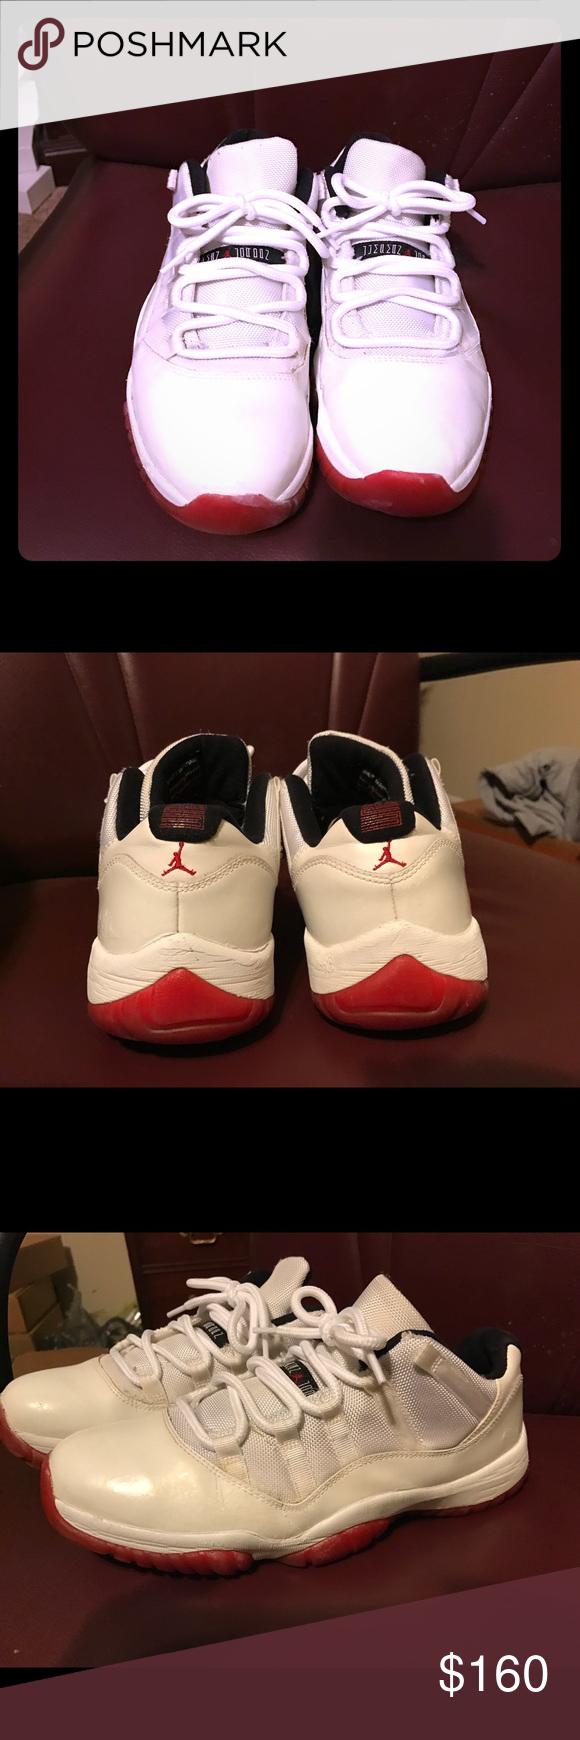 6f37412879d Air Jordan 11 Low Cherry Red Bottom Size 11 Air Jordan 11 Low Cherry Red  Bottoms Size 11. No Box or Insoles. OBO Jordan Shoes Sneakers